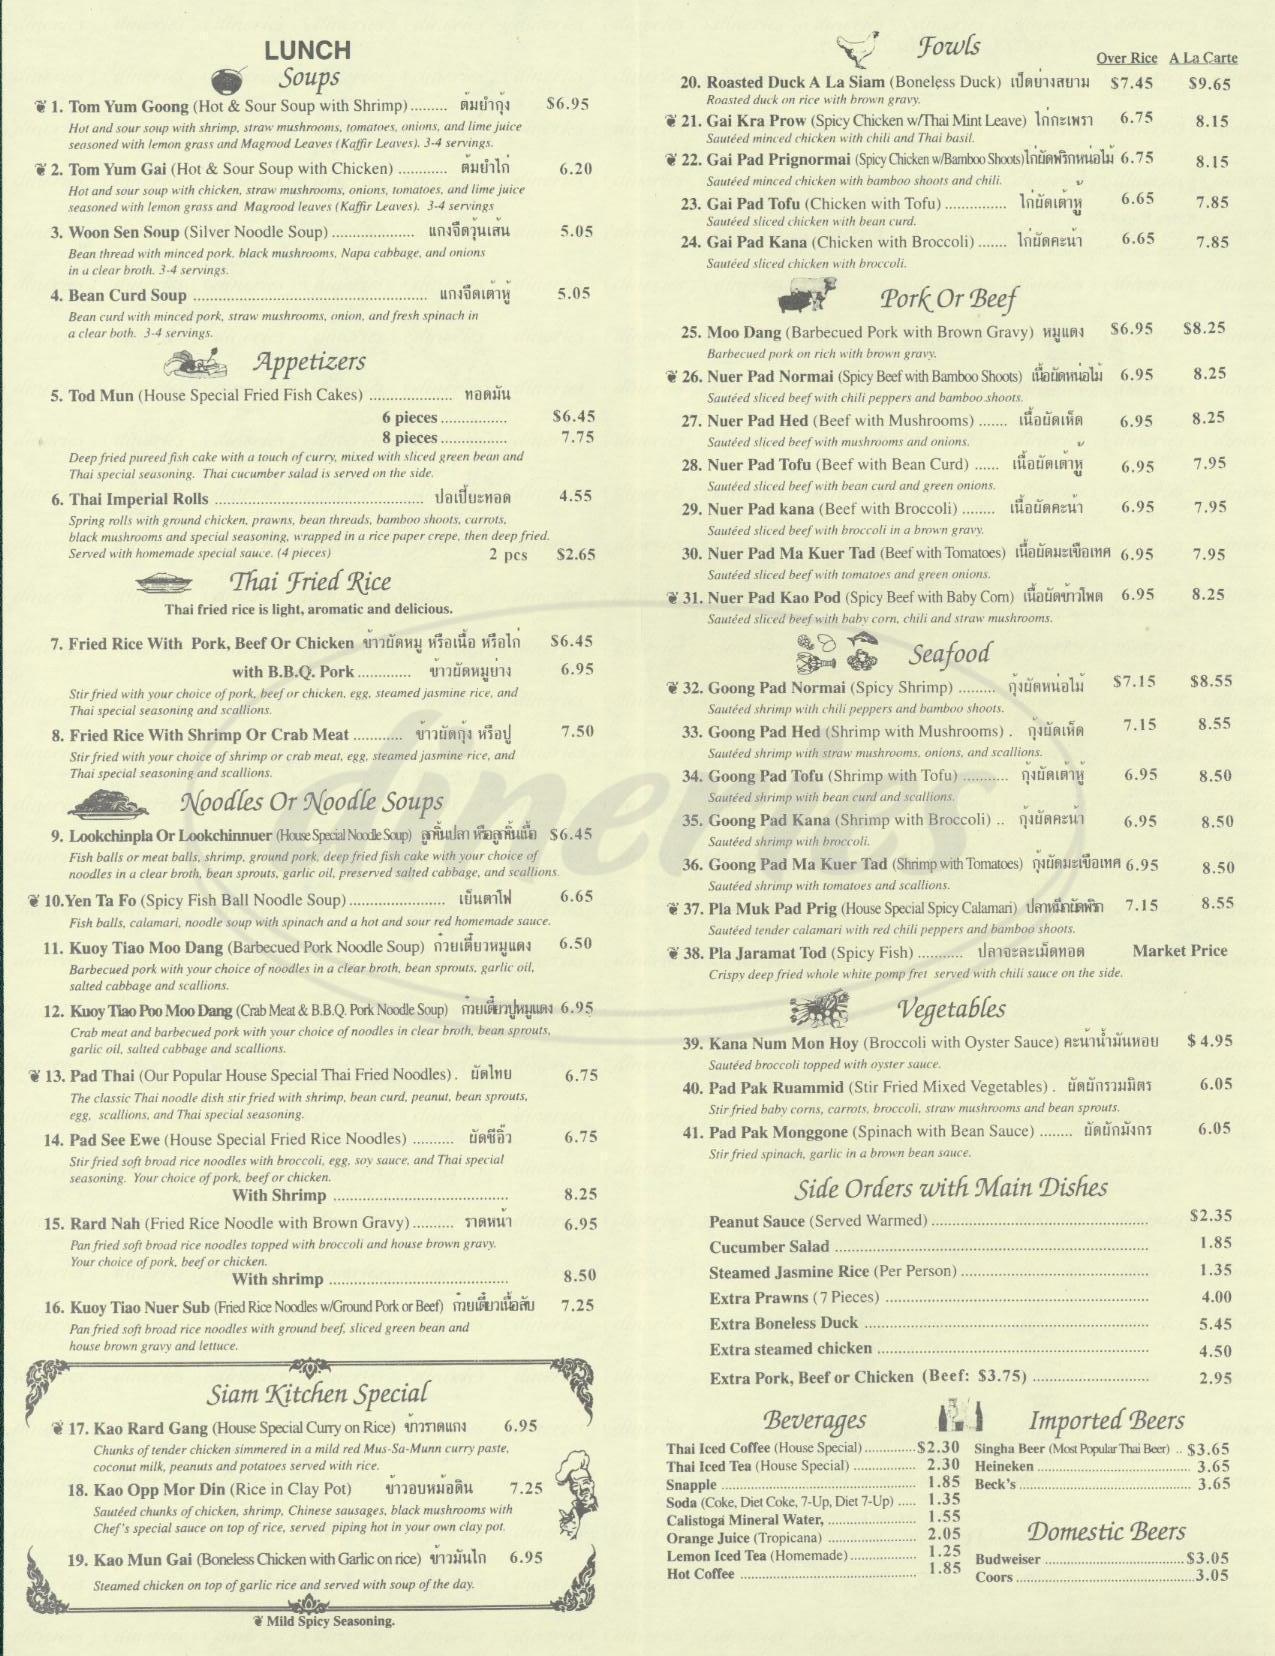 menu for Siam Kitchen